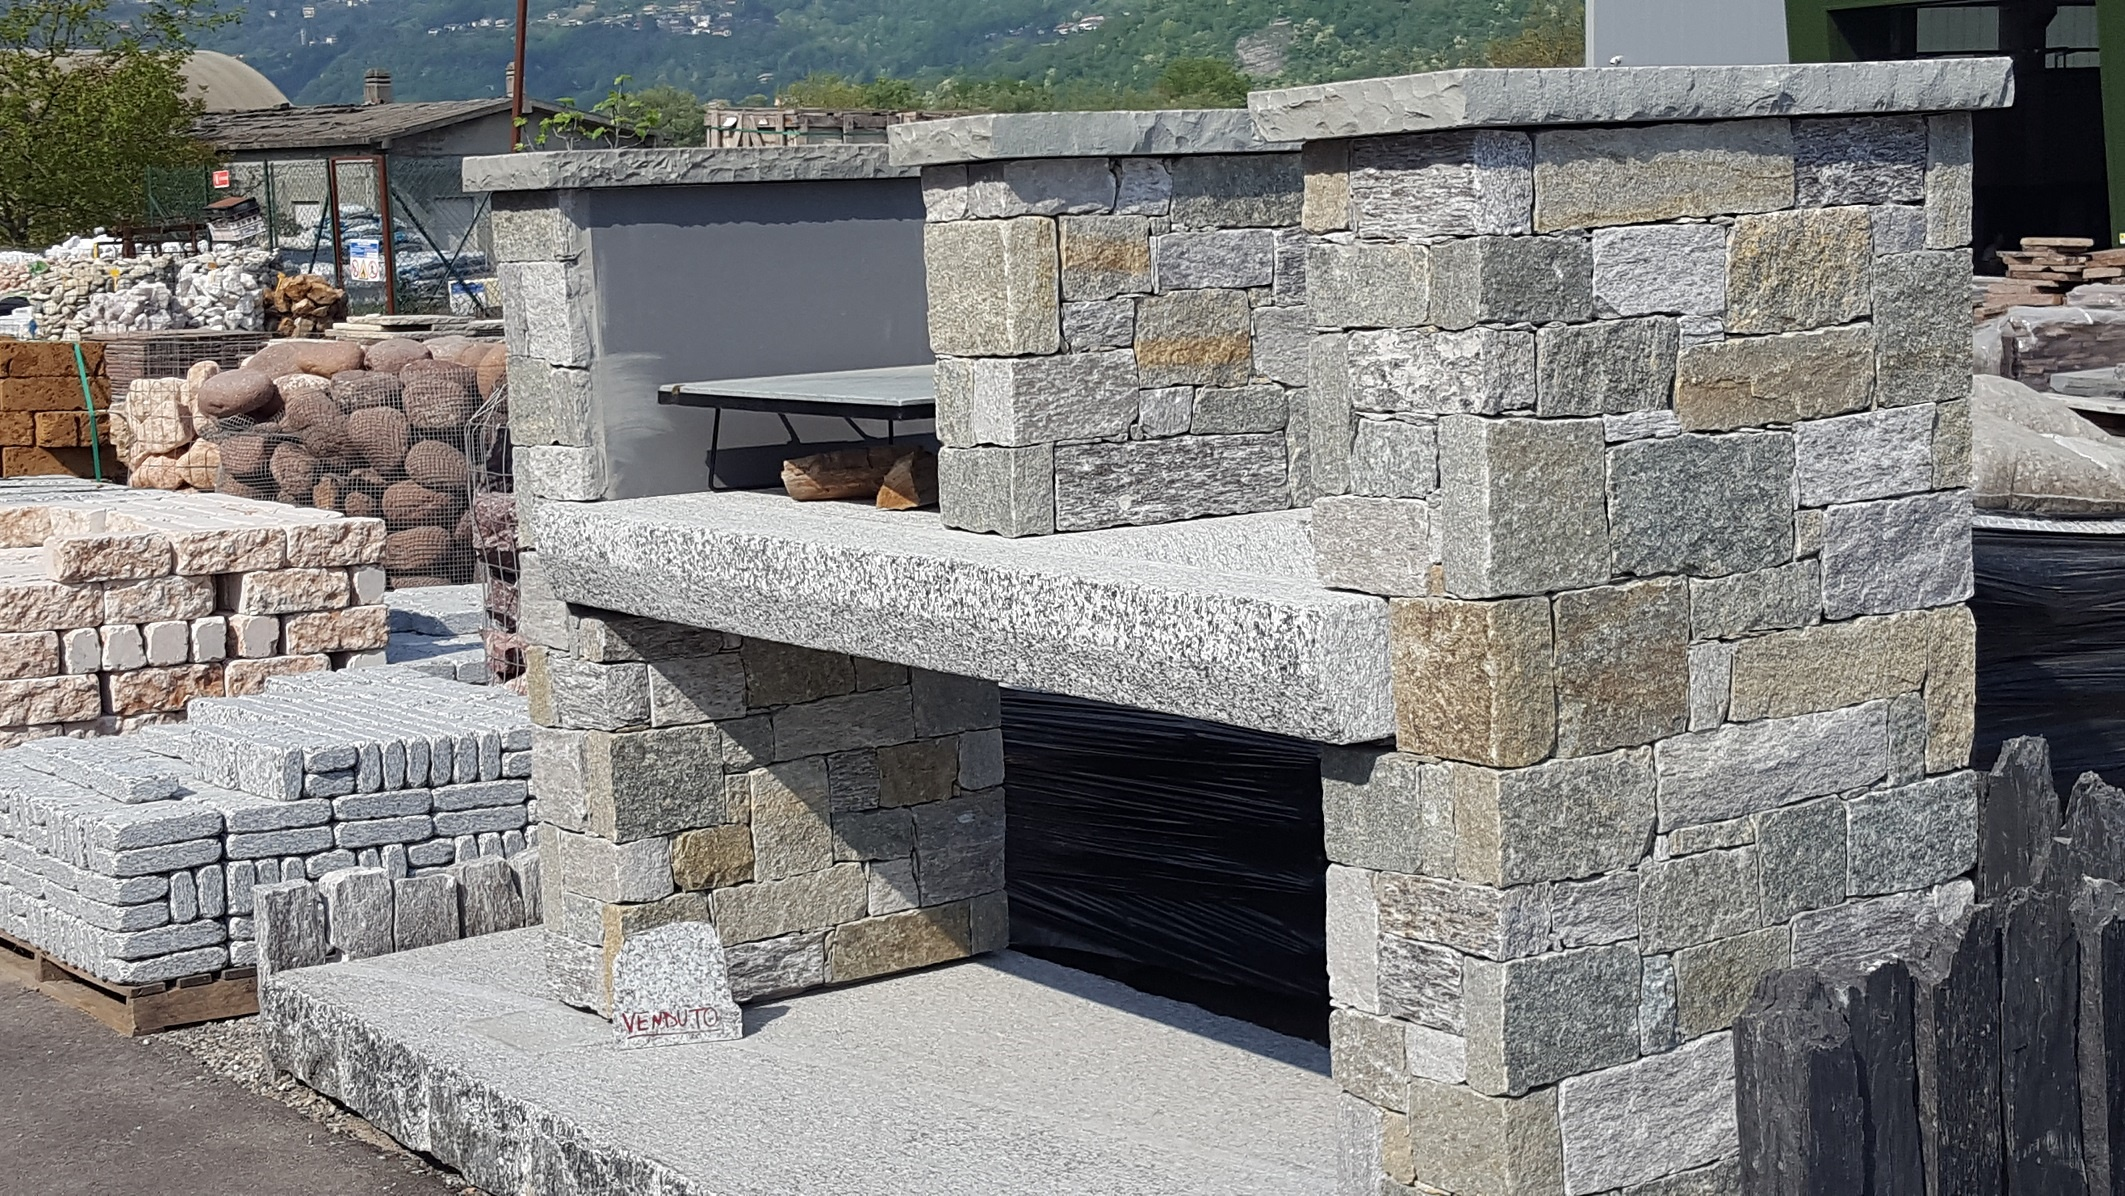 Pietre Per Arredo Giardino.Pietre Per Giardini Schenatti Srl Real Stone Covering